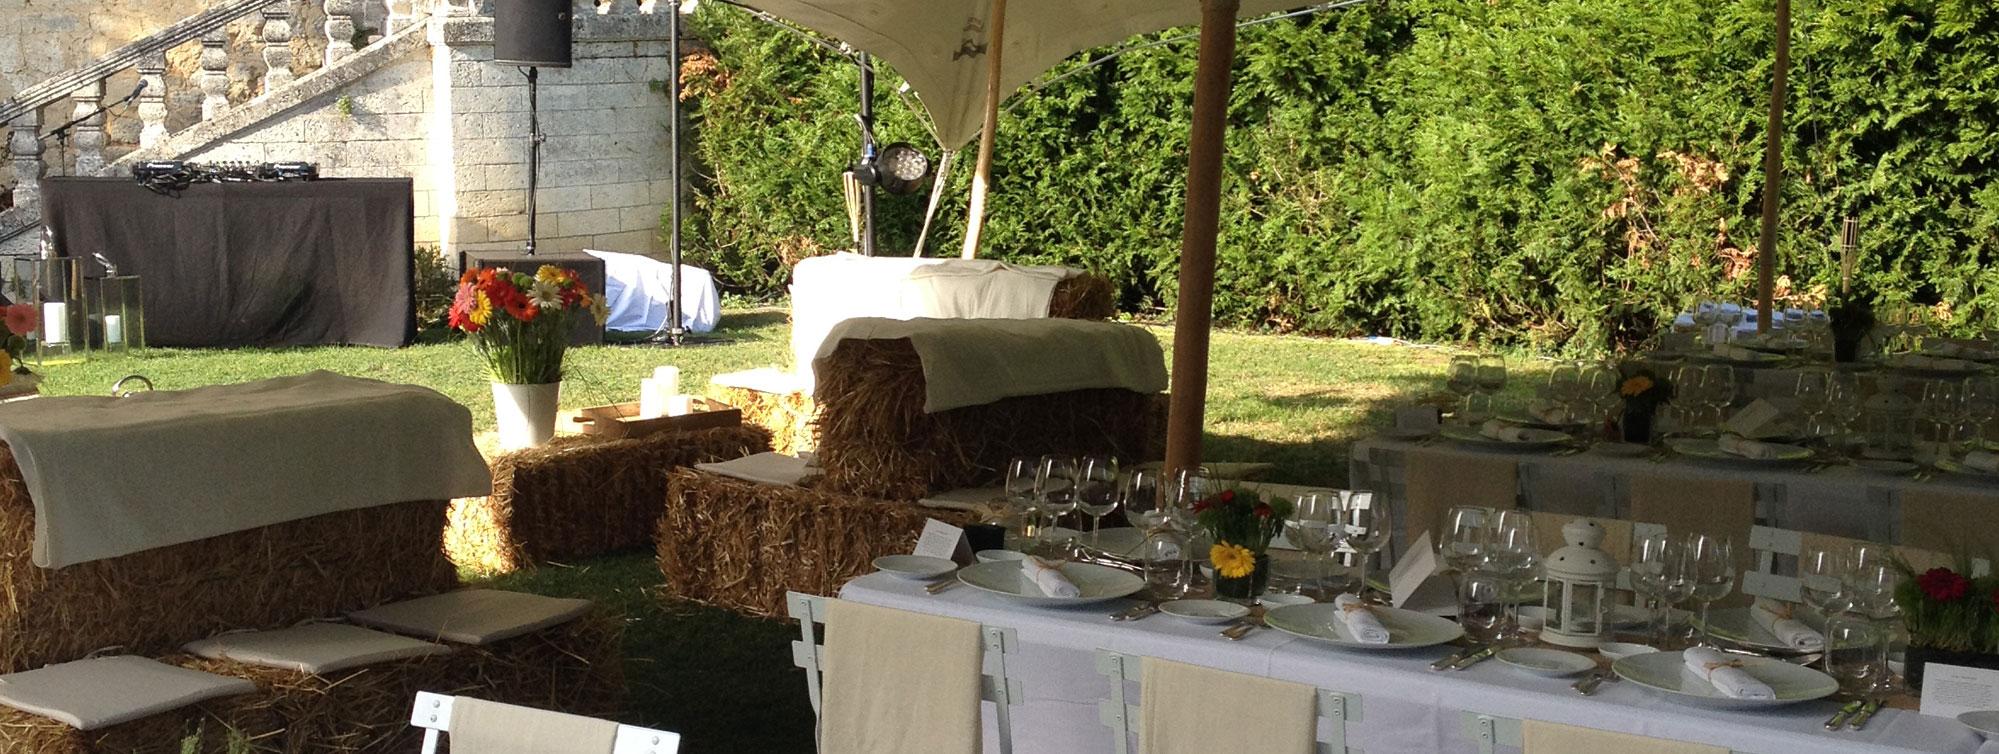 Chateau de Maumont : réceptions, anniversaires, cocktails, événements privés ©Chateau de Maumont